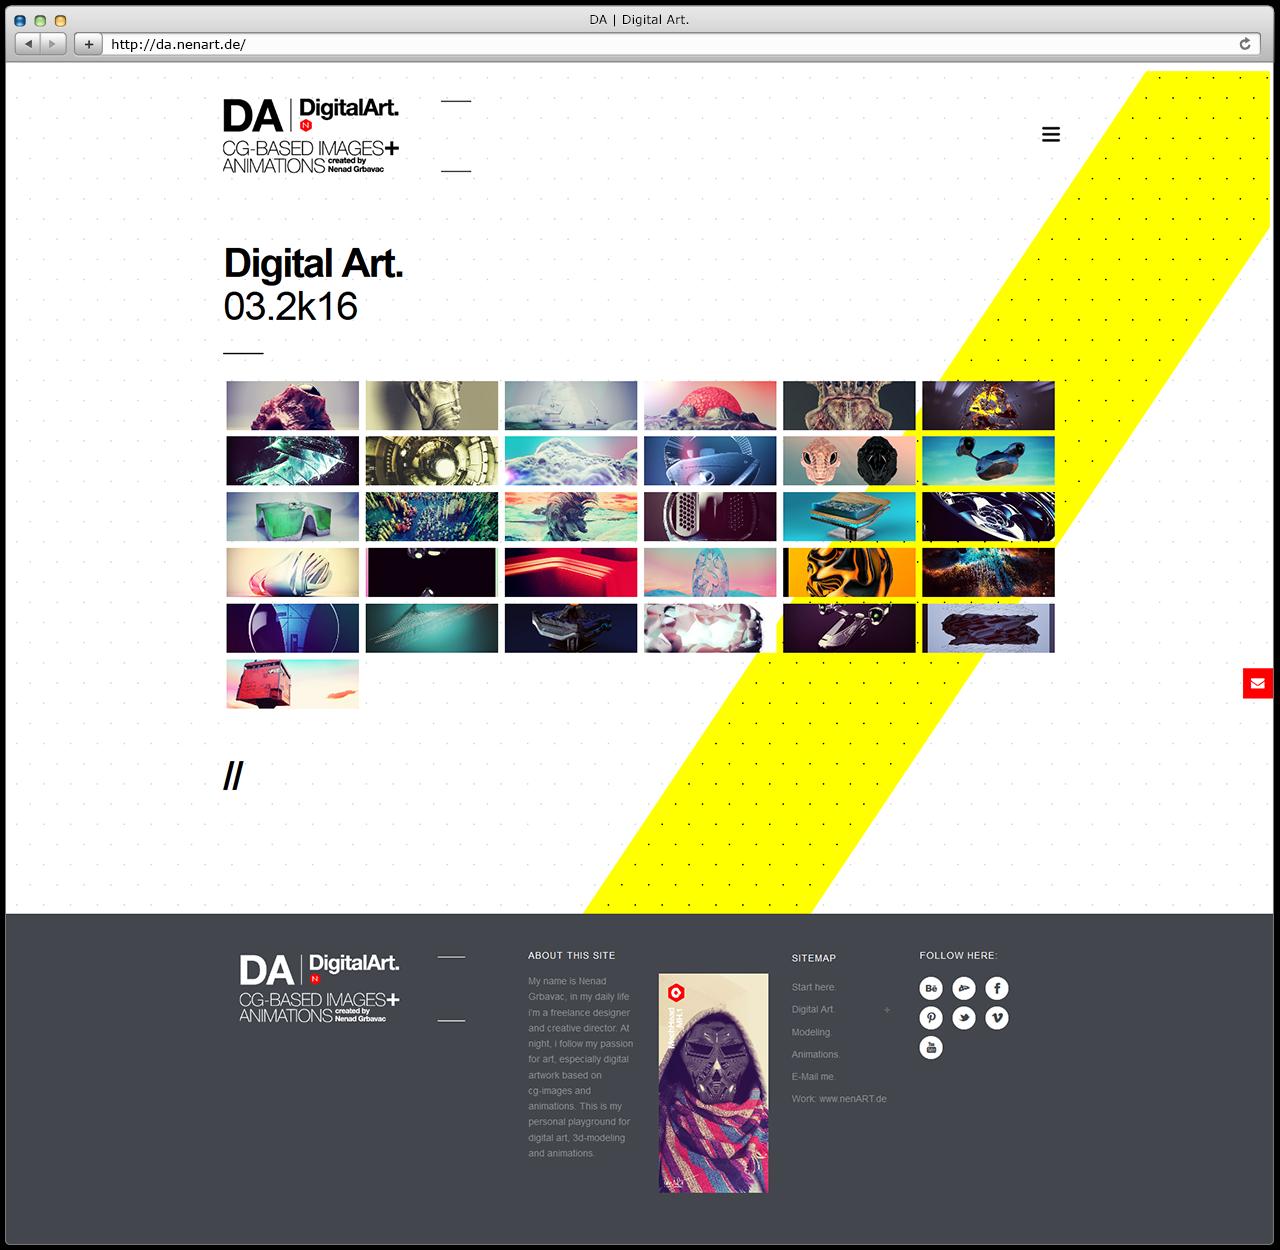 da_website_01